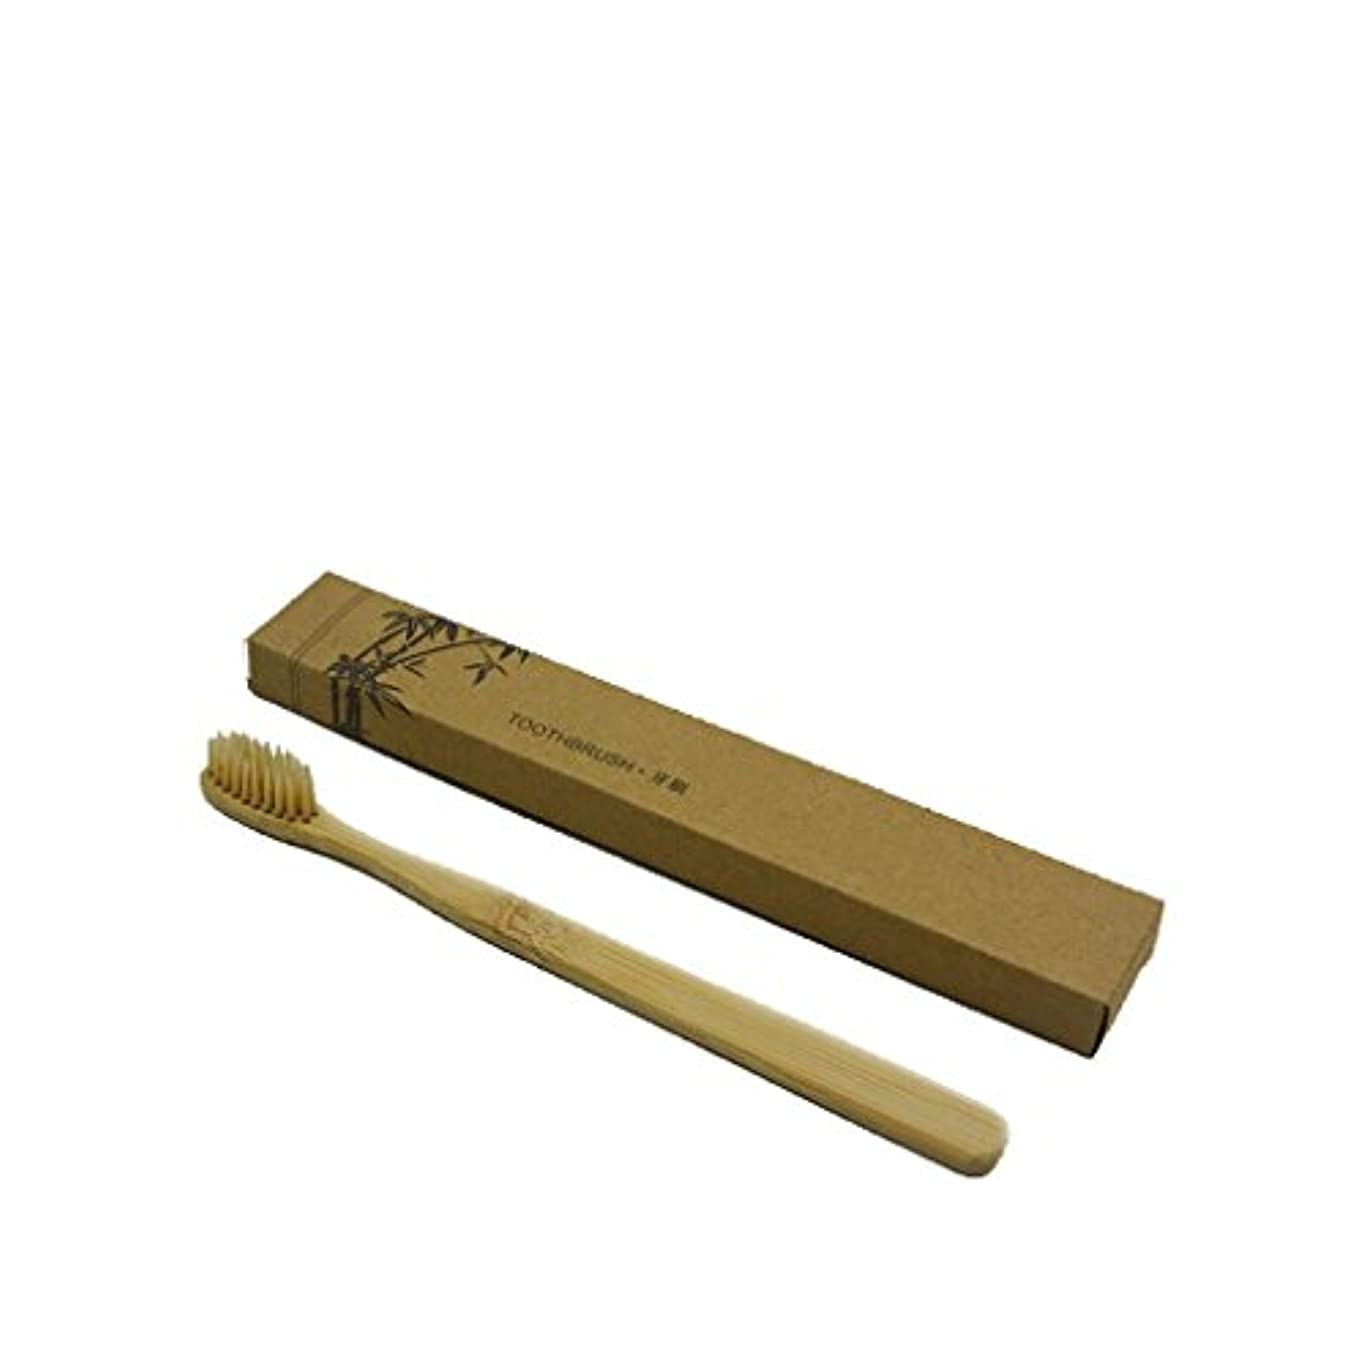 無効意志に反する食器棚TopFires 竹製歯ブラシ ミディアム及びソフト、生分解性、ビーガン、バイオ、エコ、持続可能な木製ハンドル、ホワイトニング 歯 竹歯ブラシ